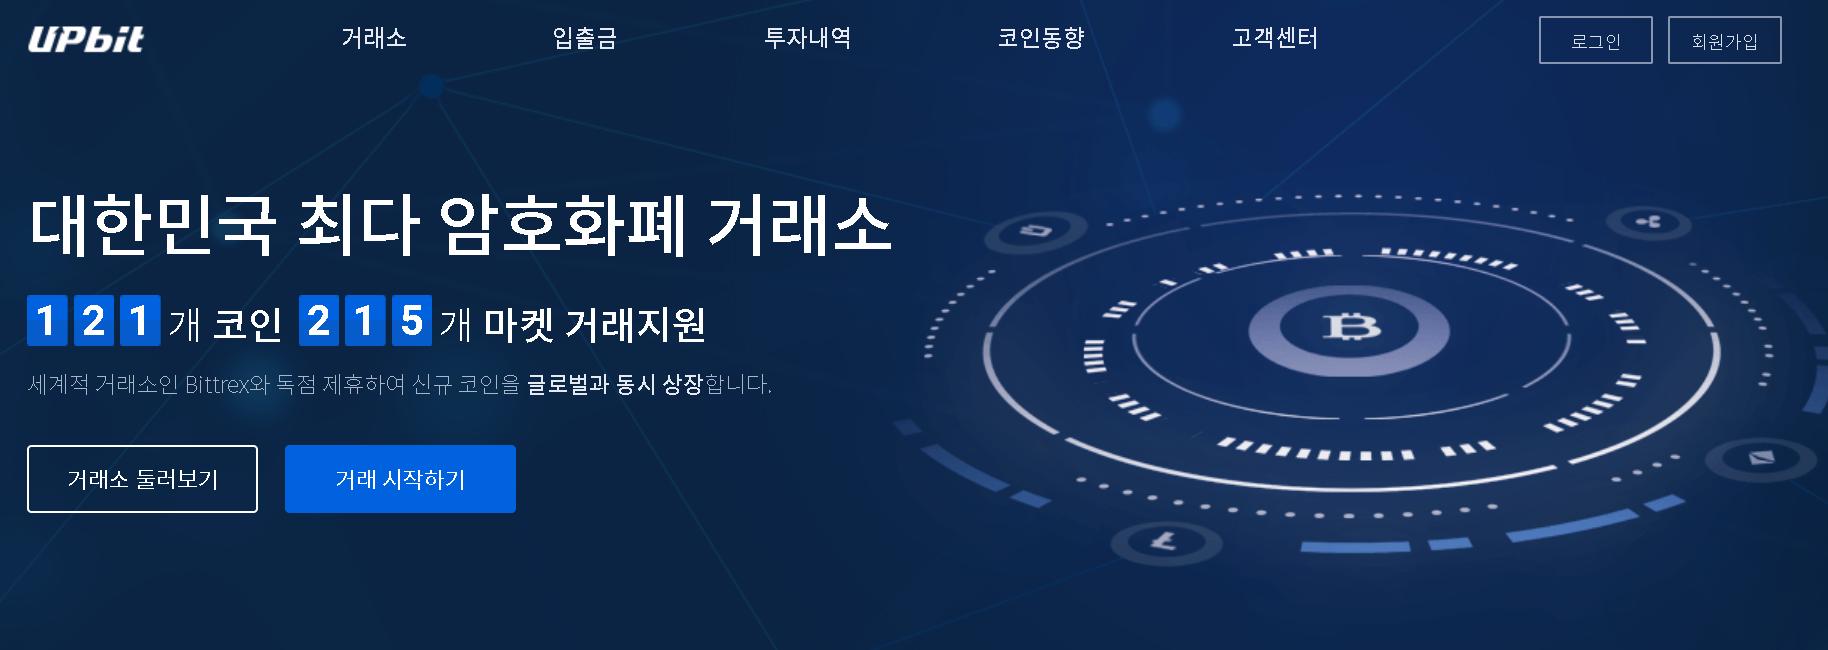 韓国の仮想通貨取引所アップビートがTether(テザー)のドル価値支払保証を決定!